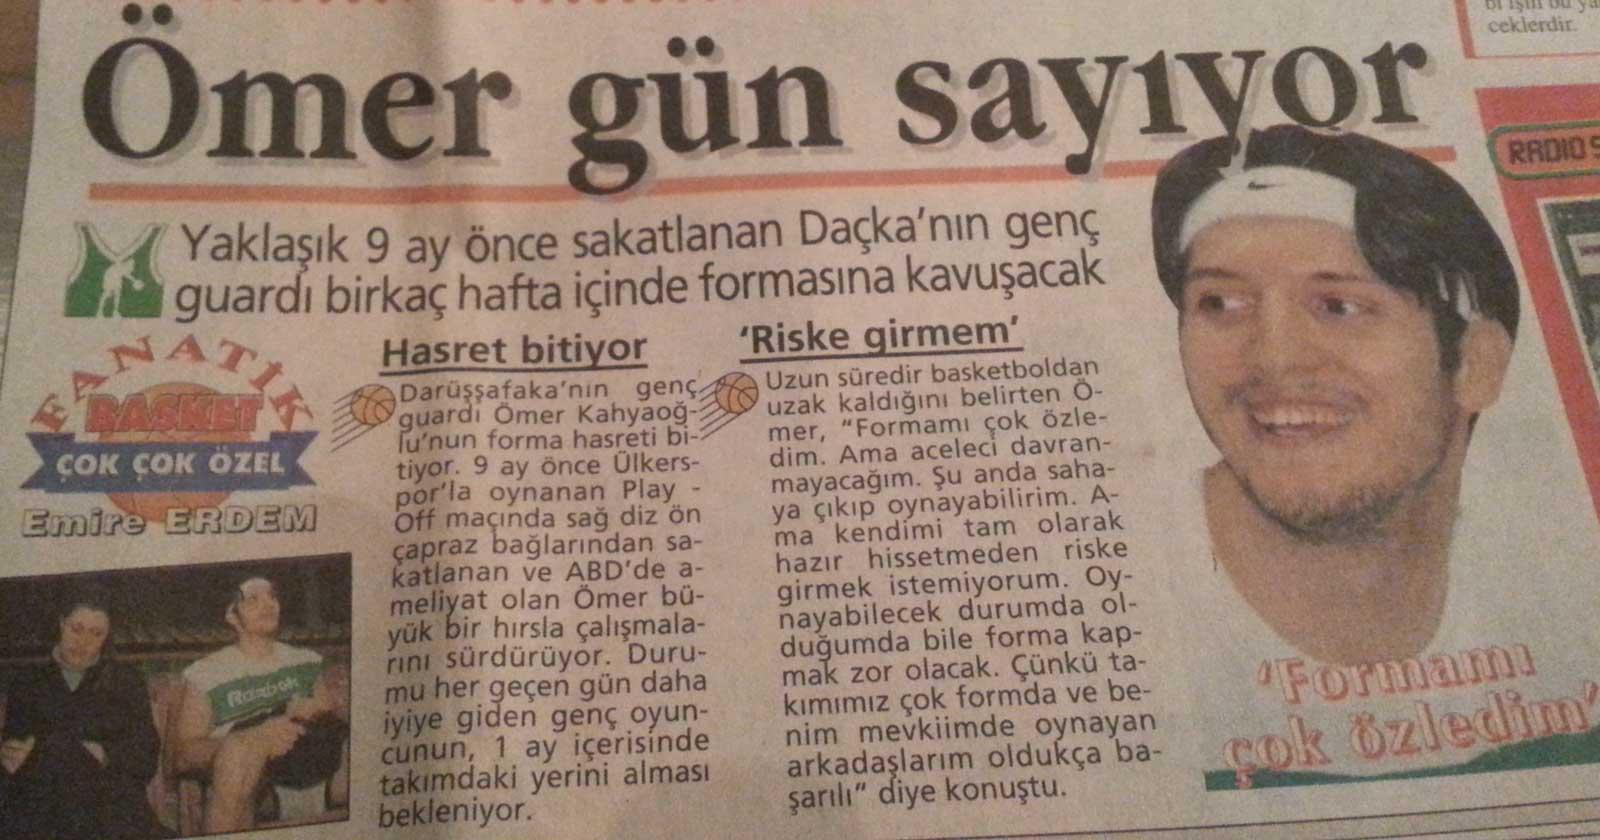 Ömer'in sakatlık sonrası dönüşünü konu eden bir gazete haberi